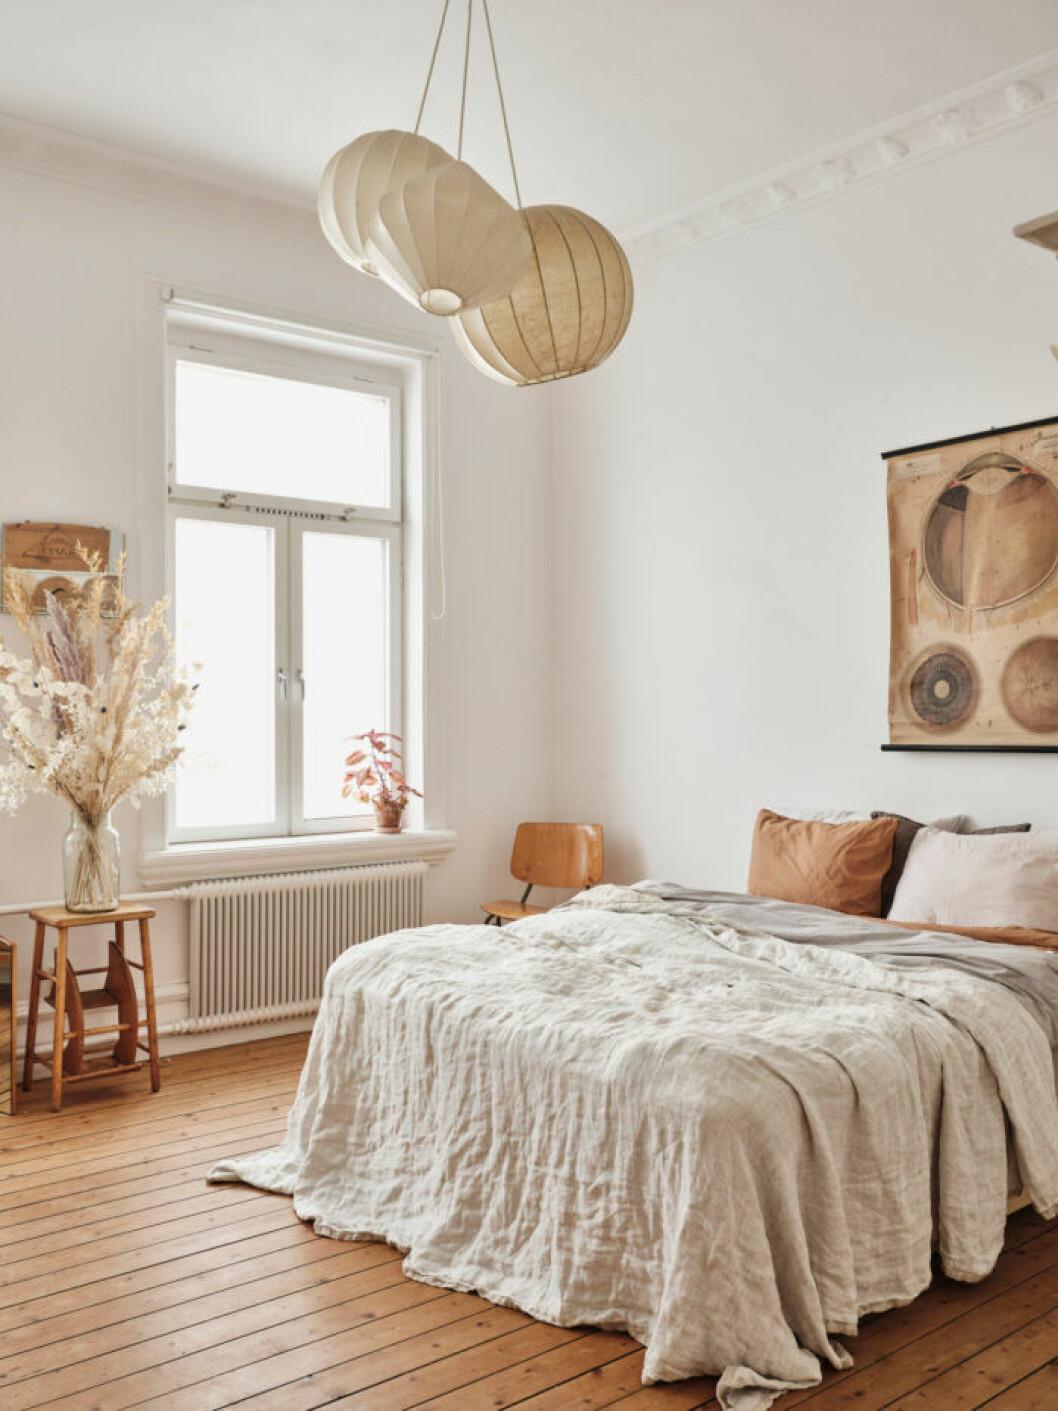 Sekelskifteslägenhet i Malmö, ljust sovrum med sfärisk belysning